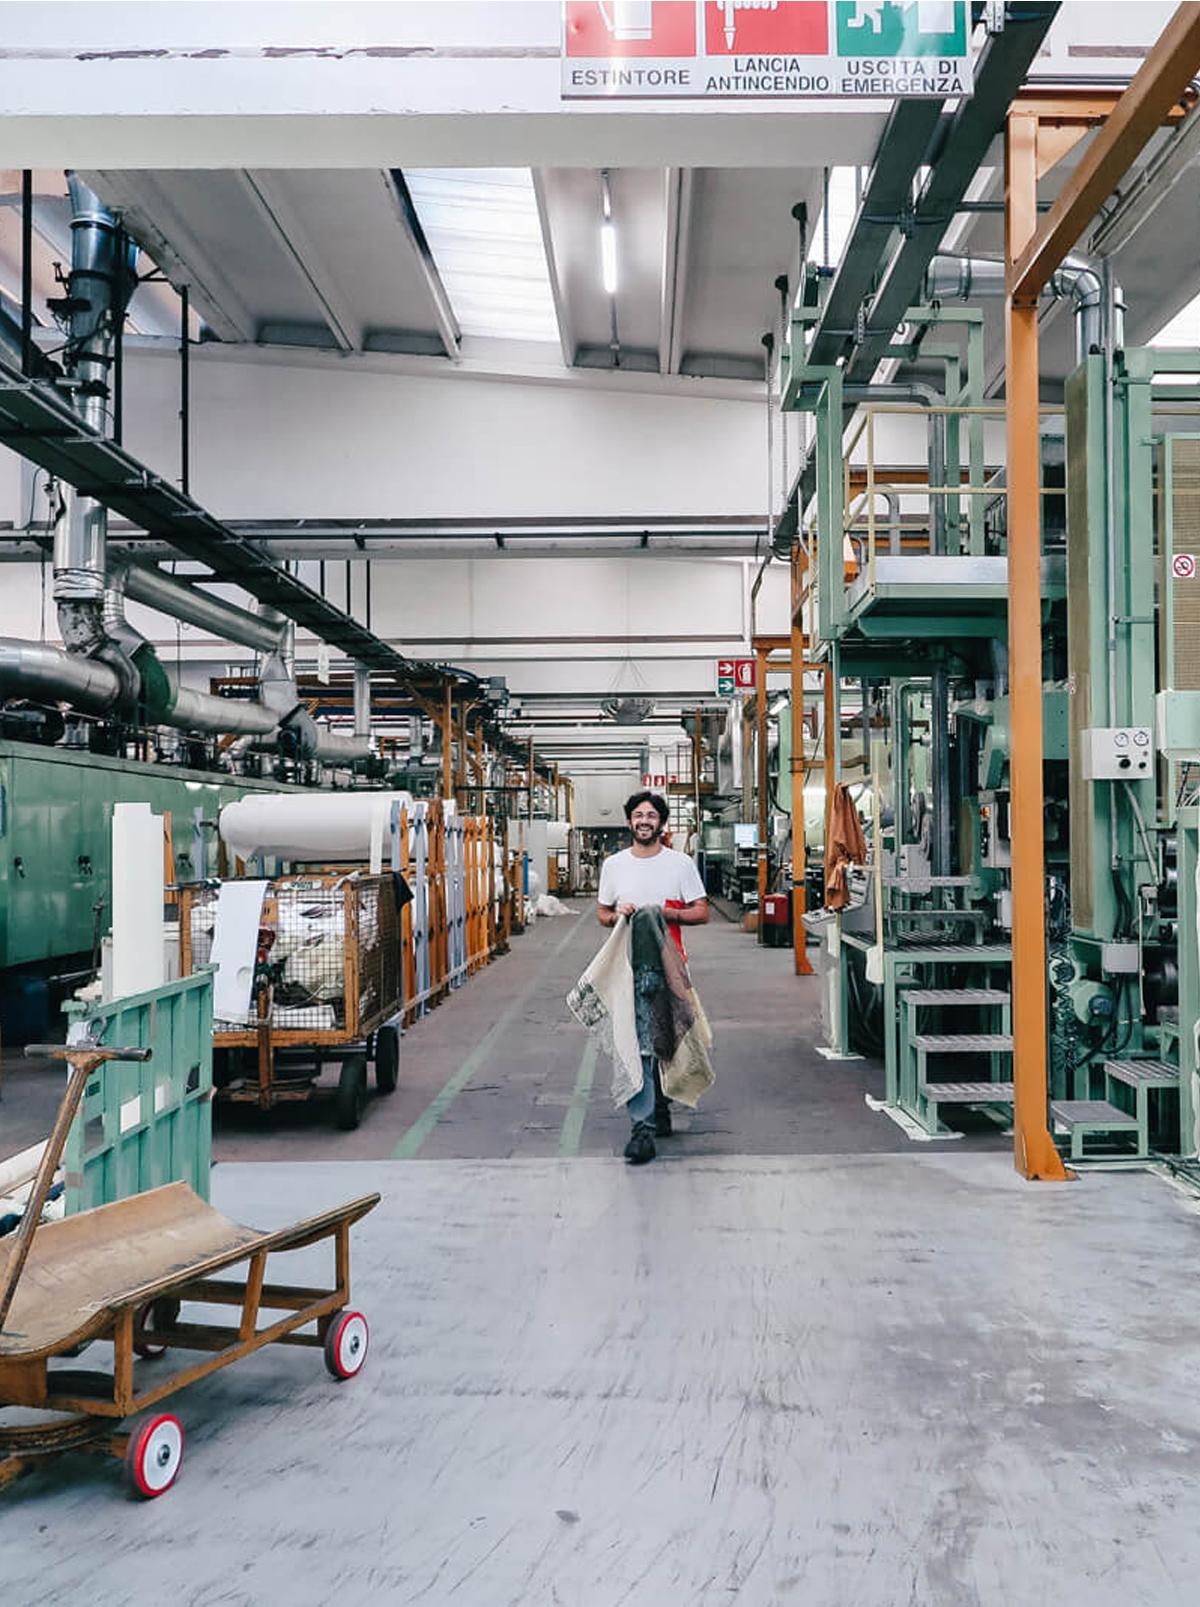 Teym - The Factories - Limonta